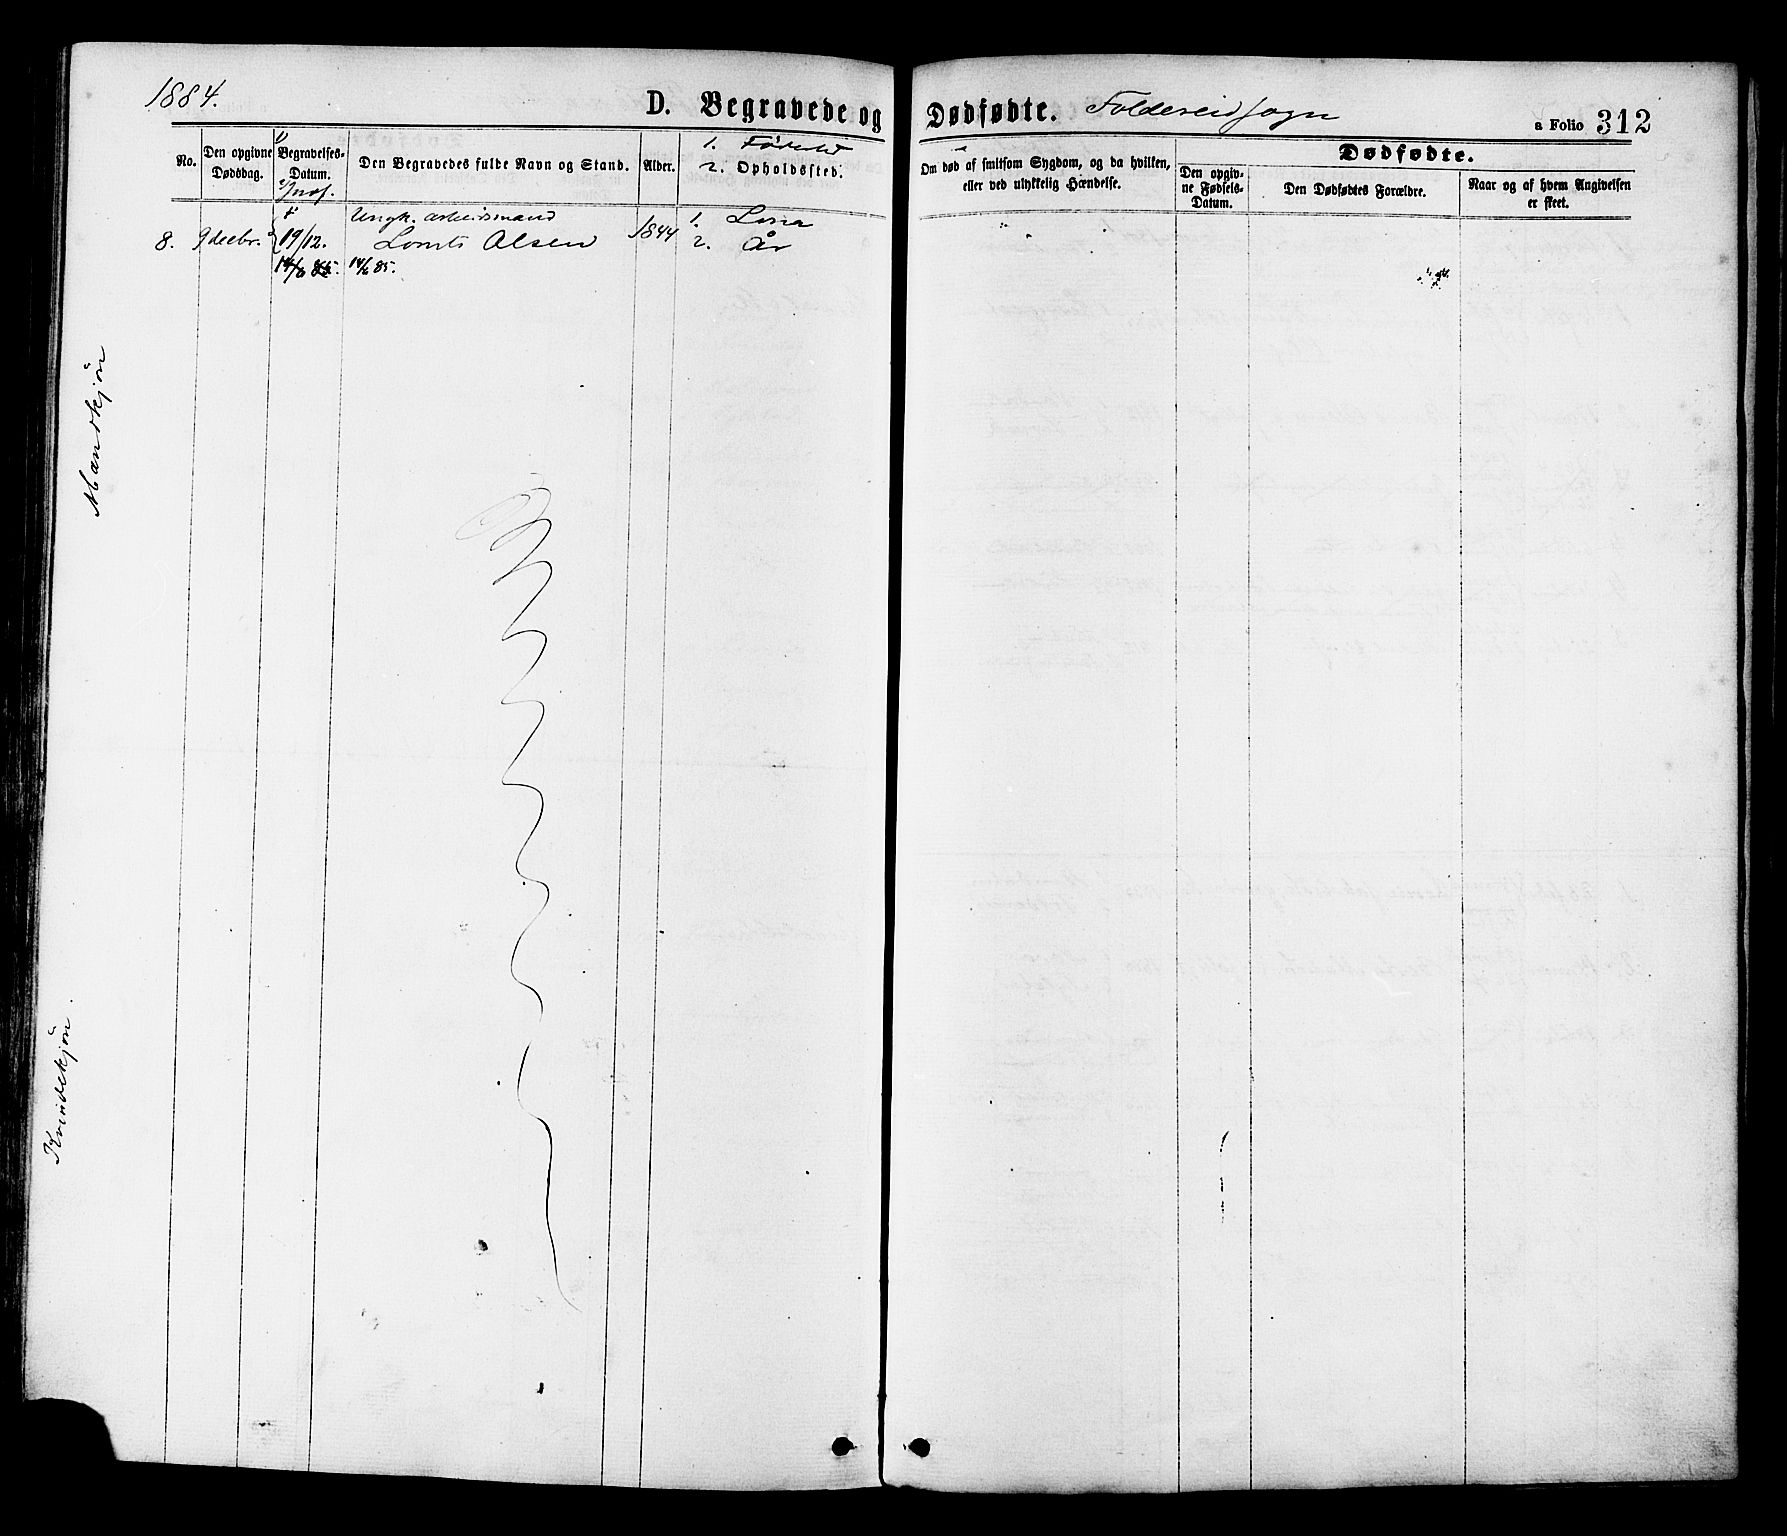 SAT, Ministerialprotokoller, klokkerbøker og fødselsregistre - Nord-Trøndelag, 780/L0642: Parish register (official) no. 780A07 /2, 1878-1885, p. 312